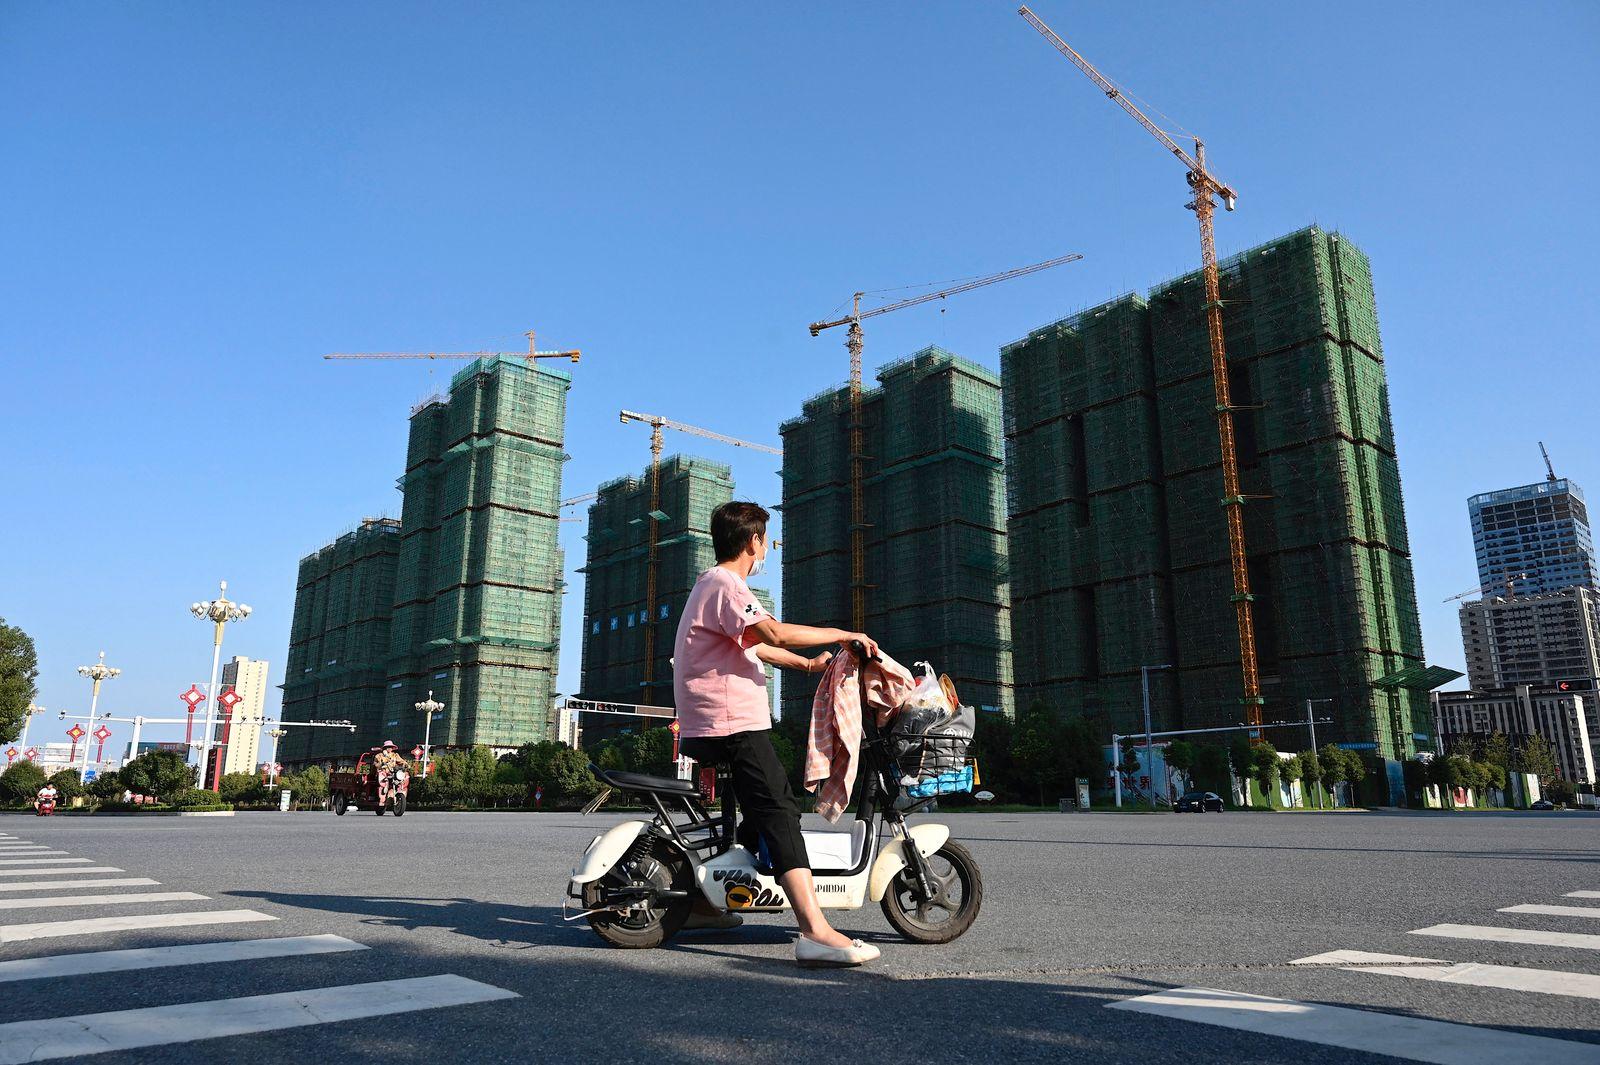 CHINA-ECONOMY-PROPERTY-EVERGRANDE